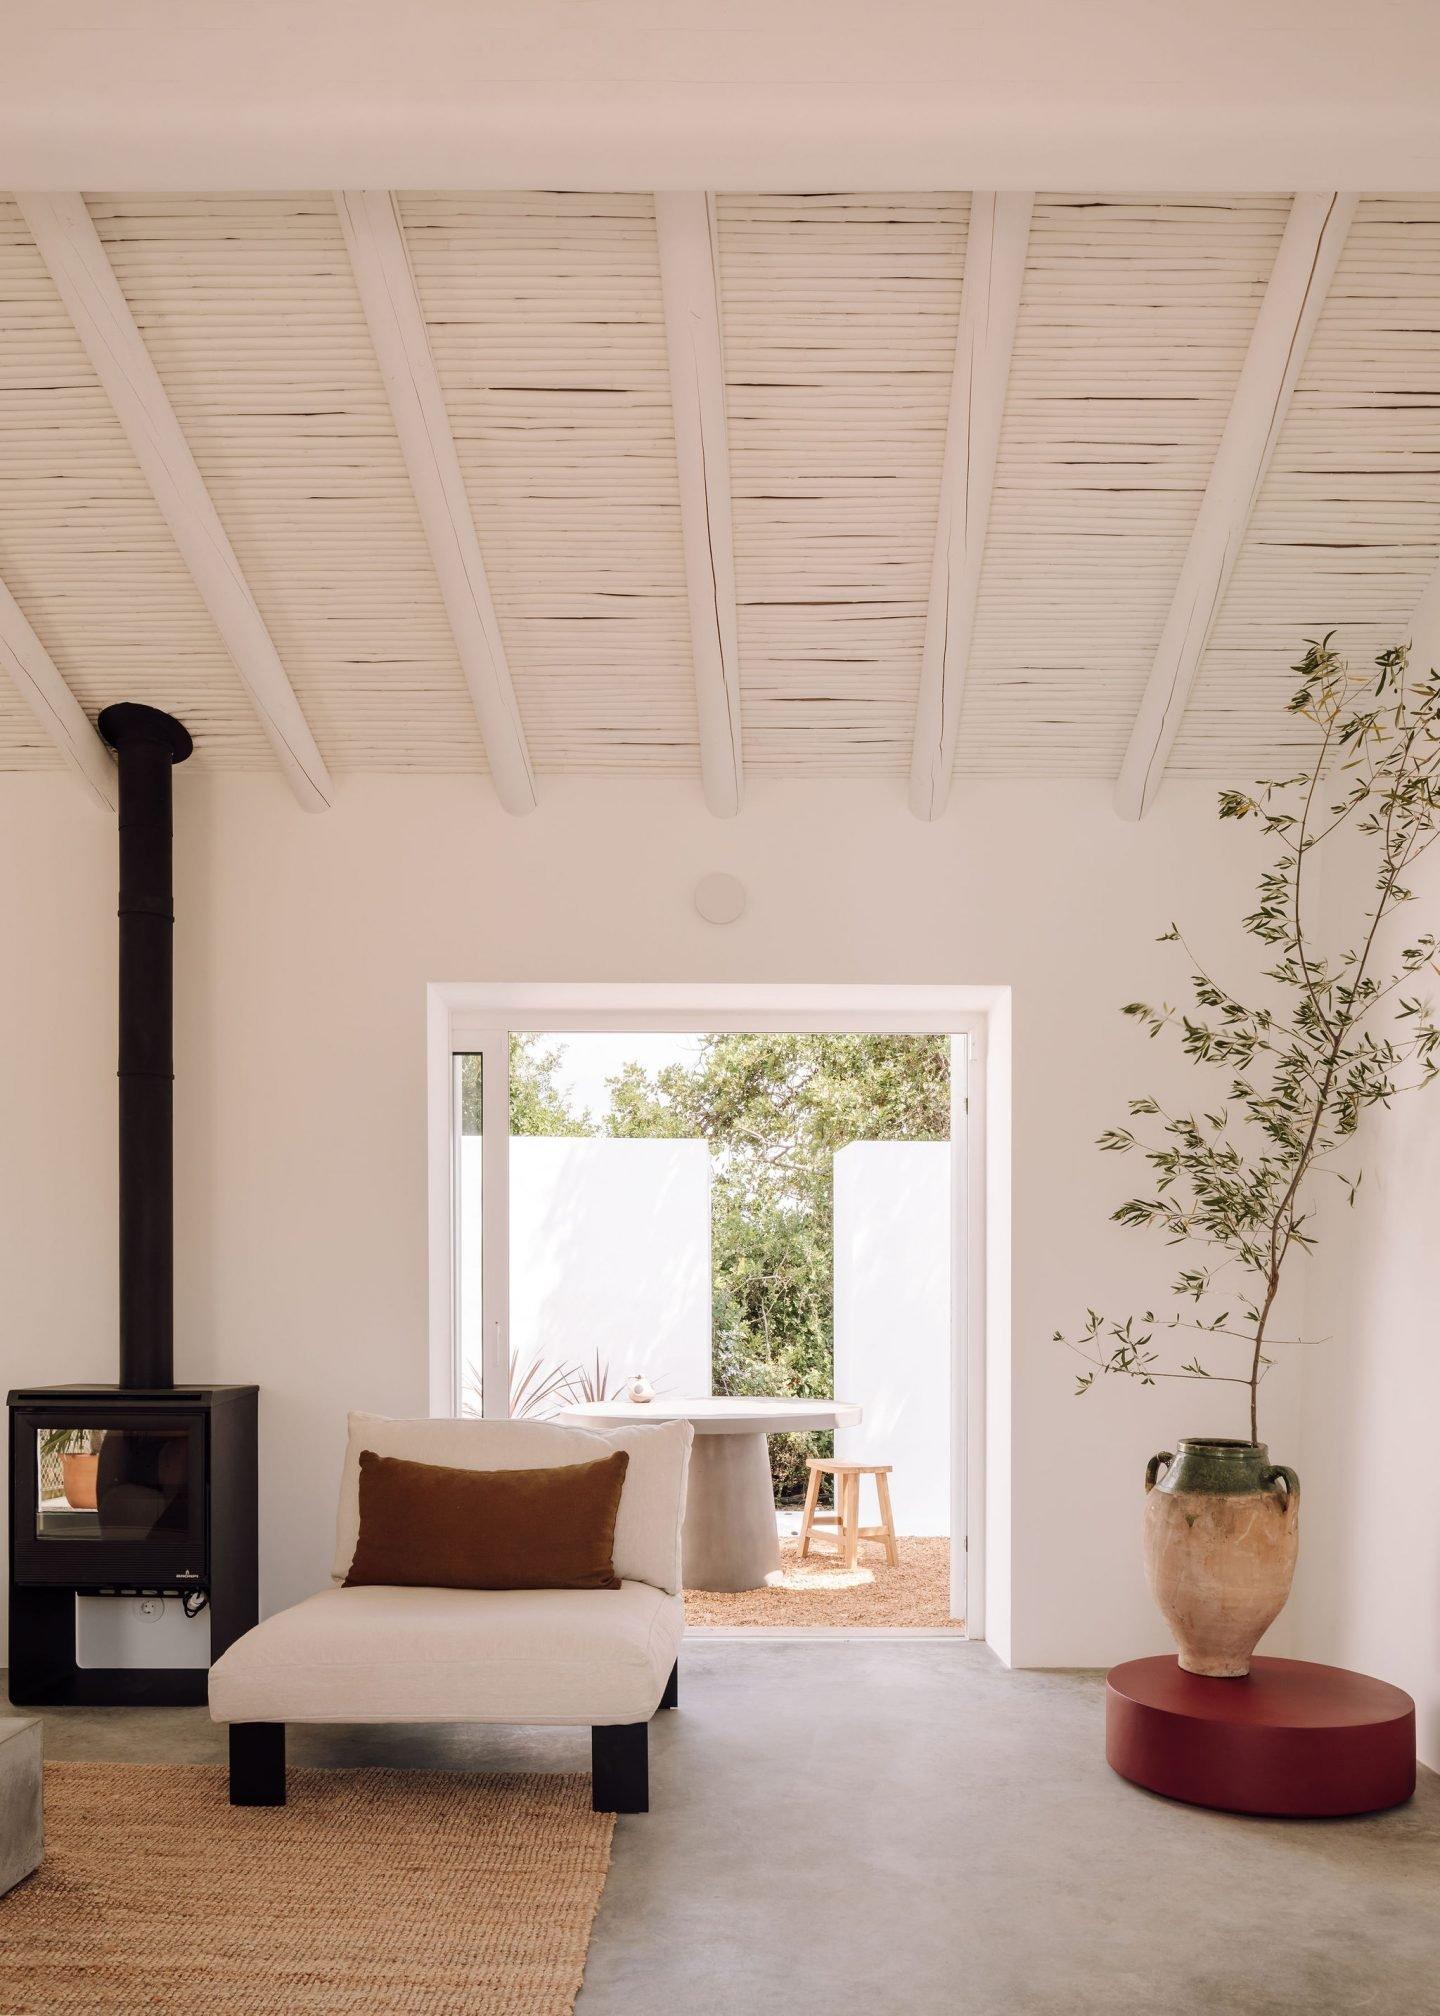 IGNANT-Architecture-Atelier-Rua-Casa-Um-03